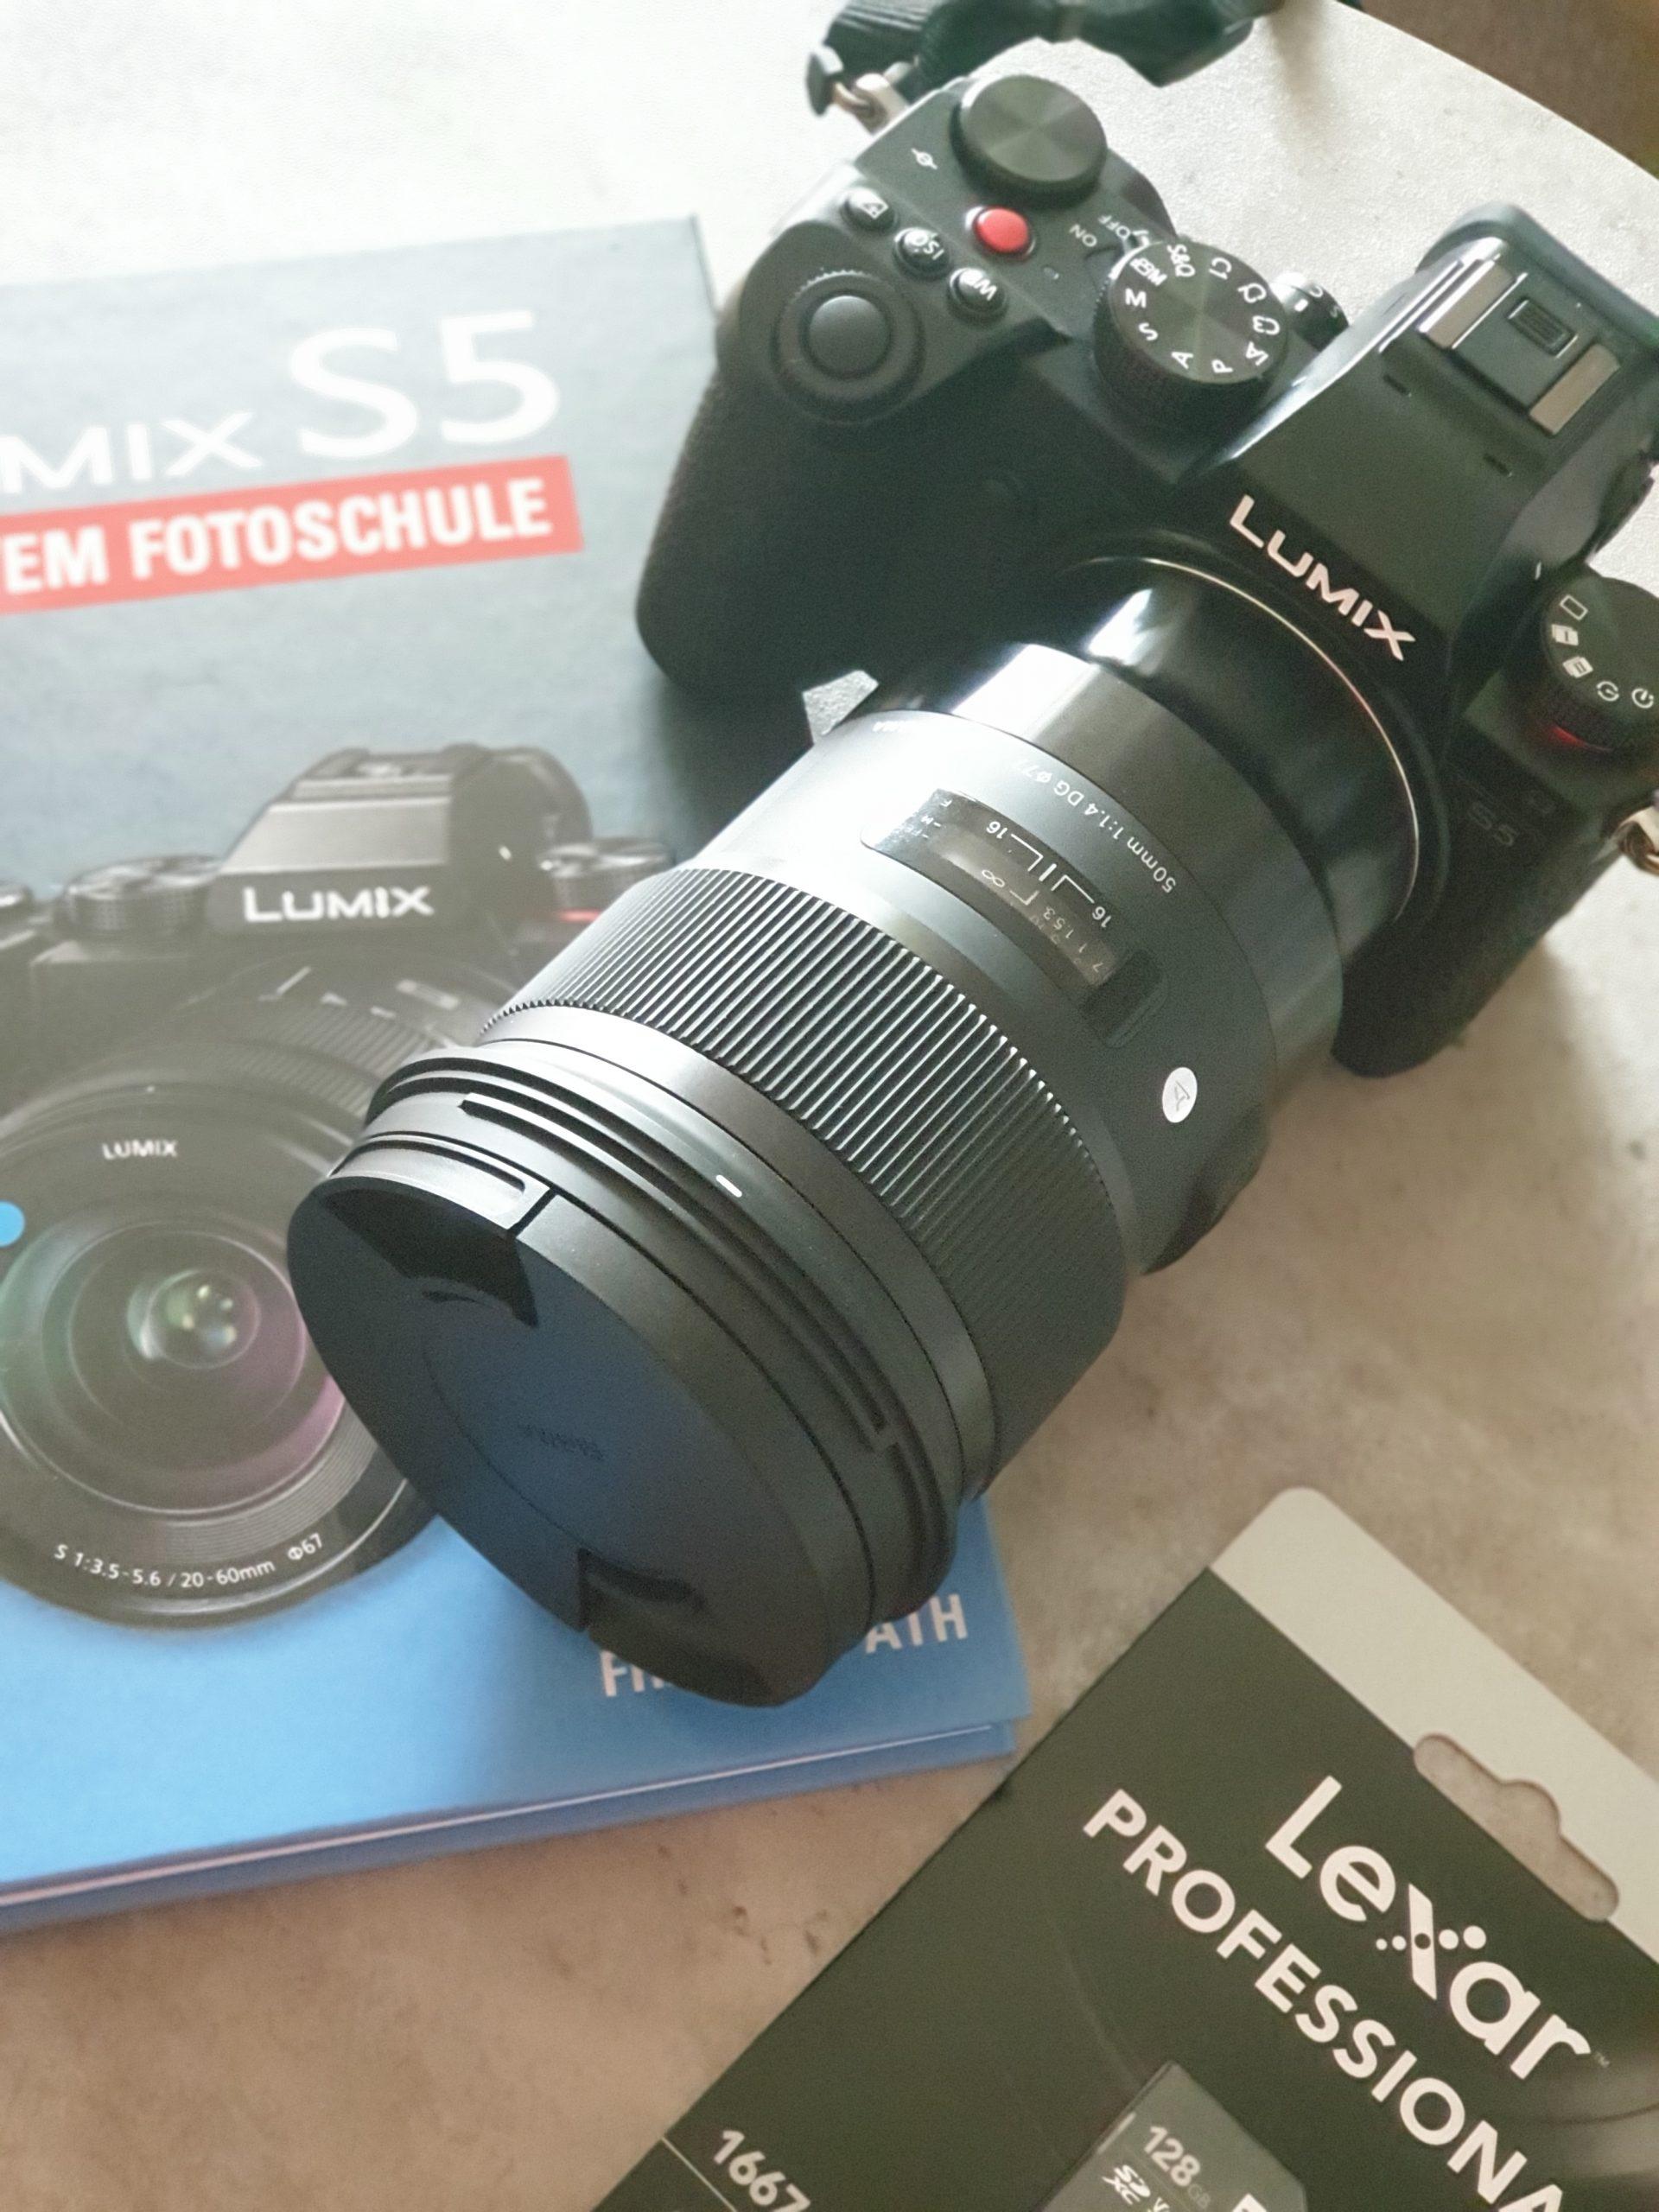 Panasonic Lumis S 5 spiegellose Vollformatkamera, die ersten Fotos im Test.